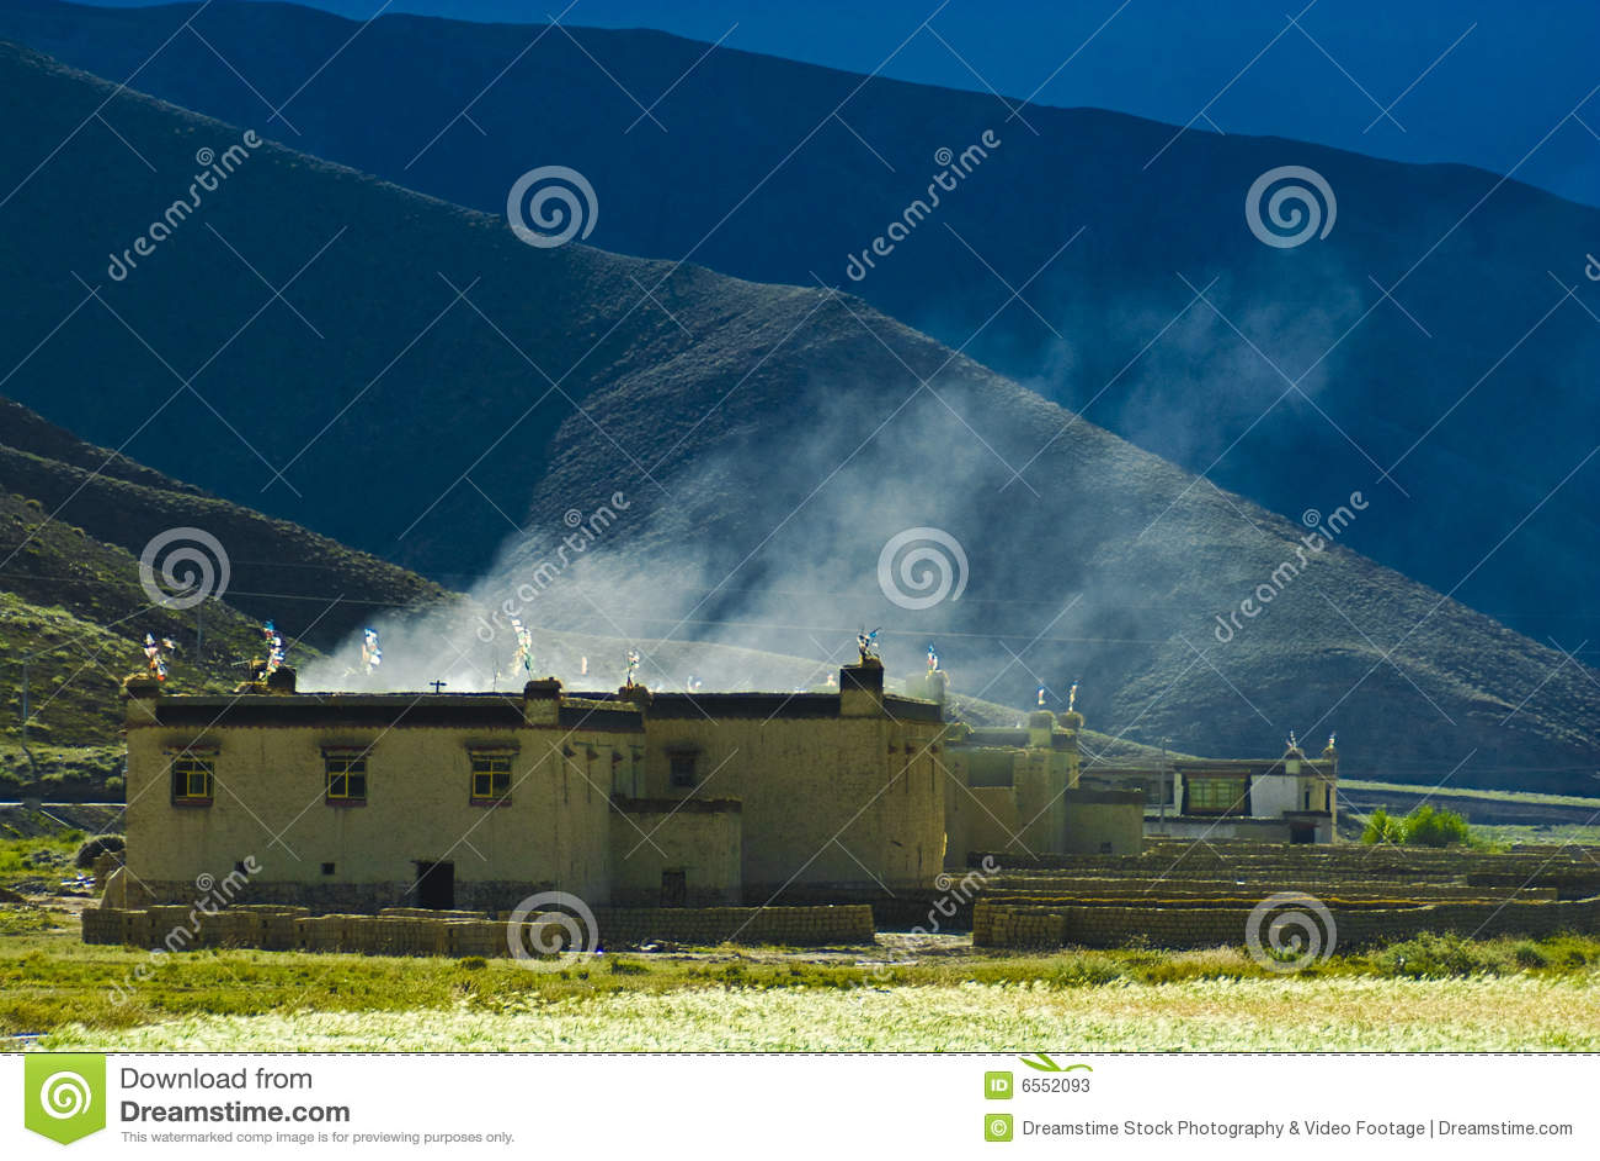 Tibetanisches Haus